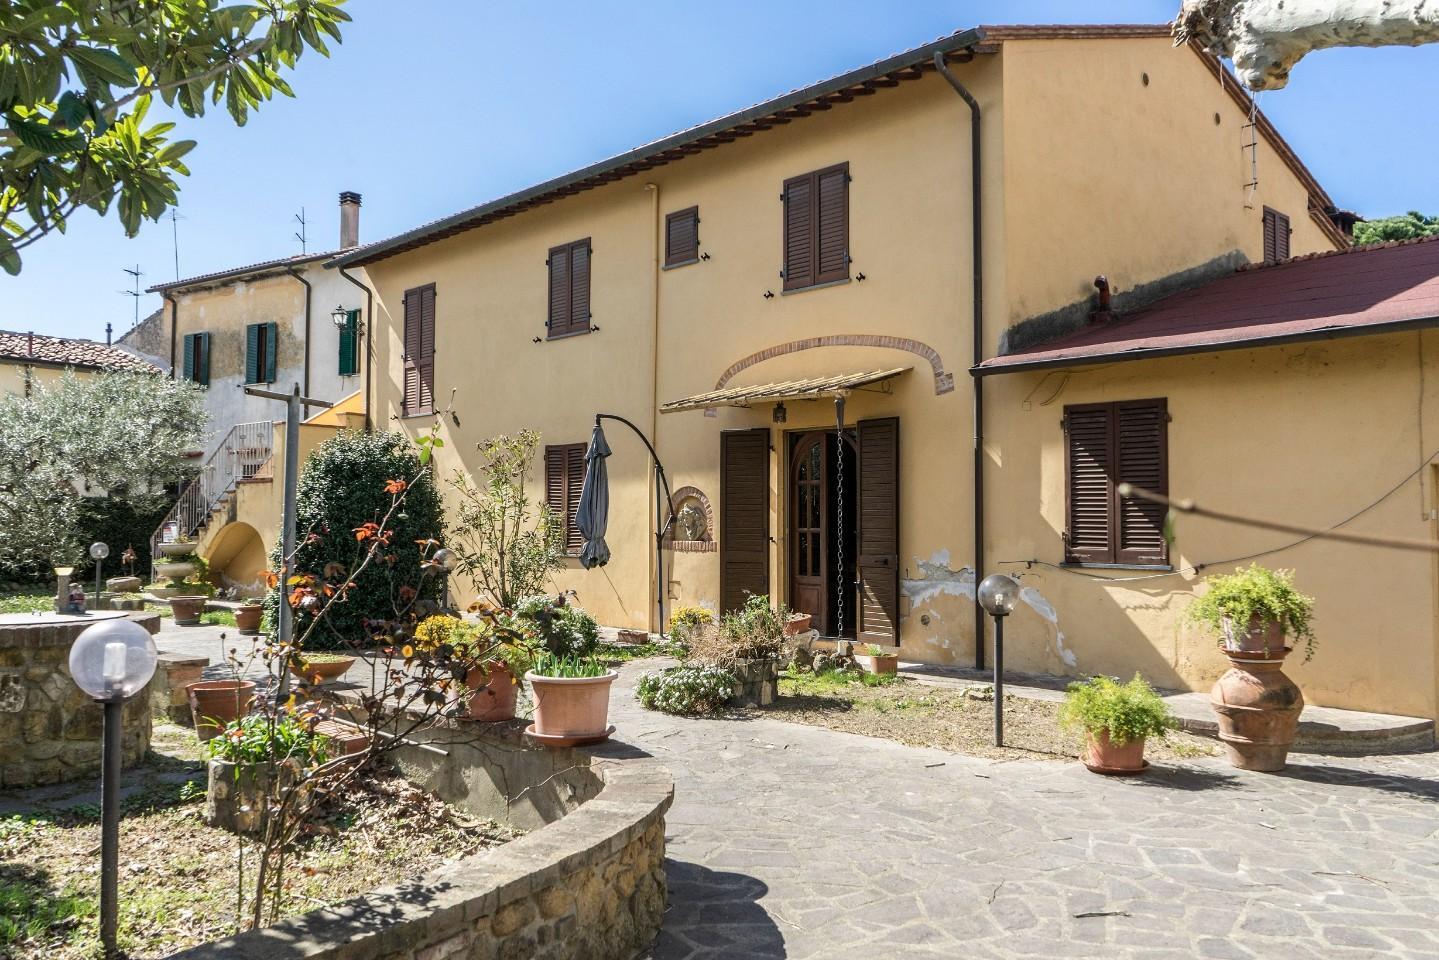 Casale in vendita a Pisa